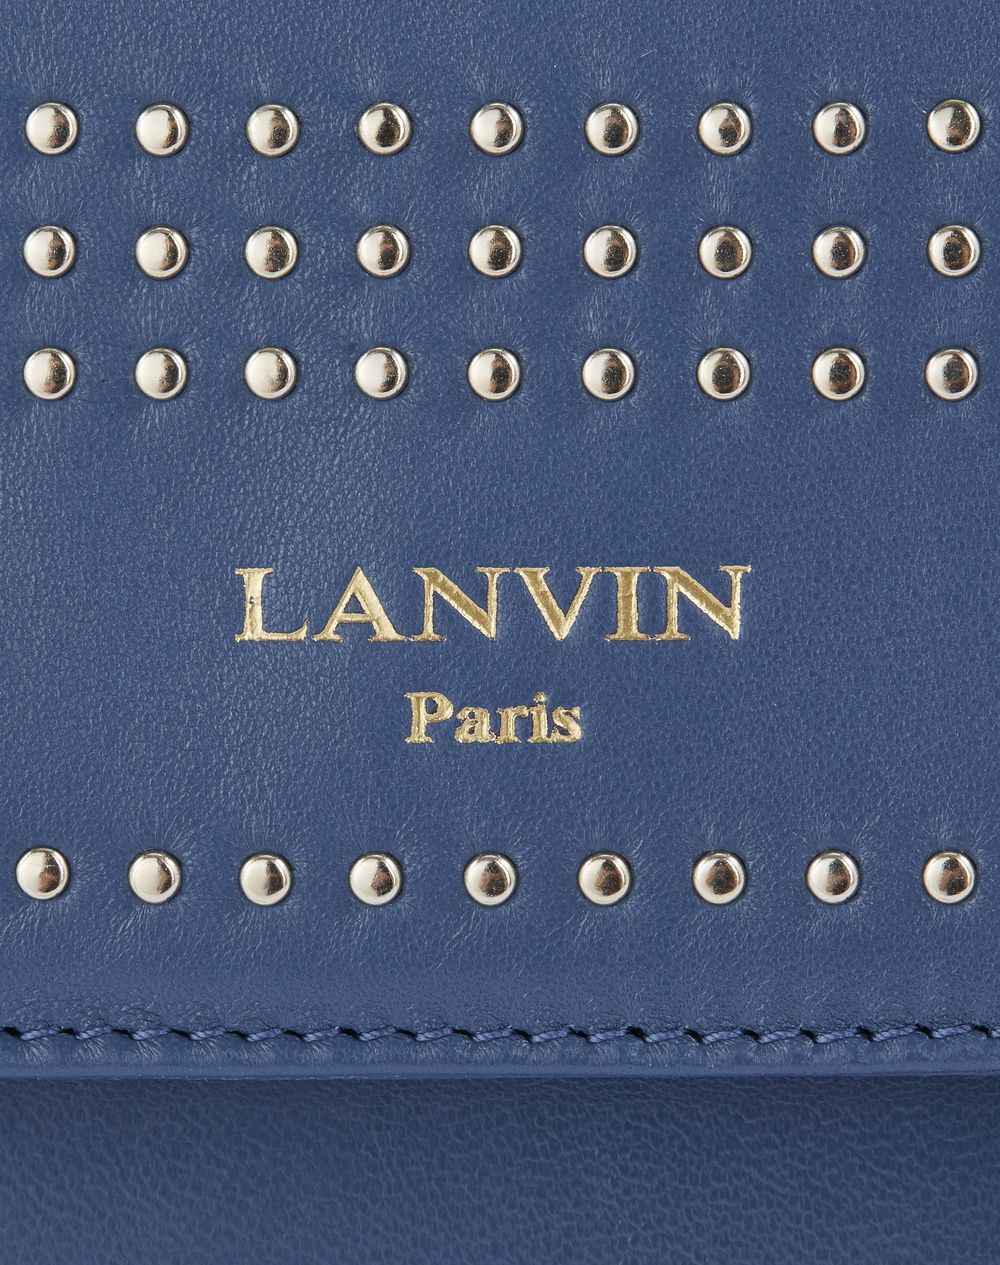 MEDIUM SUGAR BAG - Lanvin